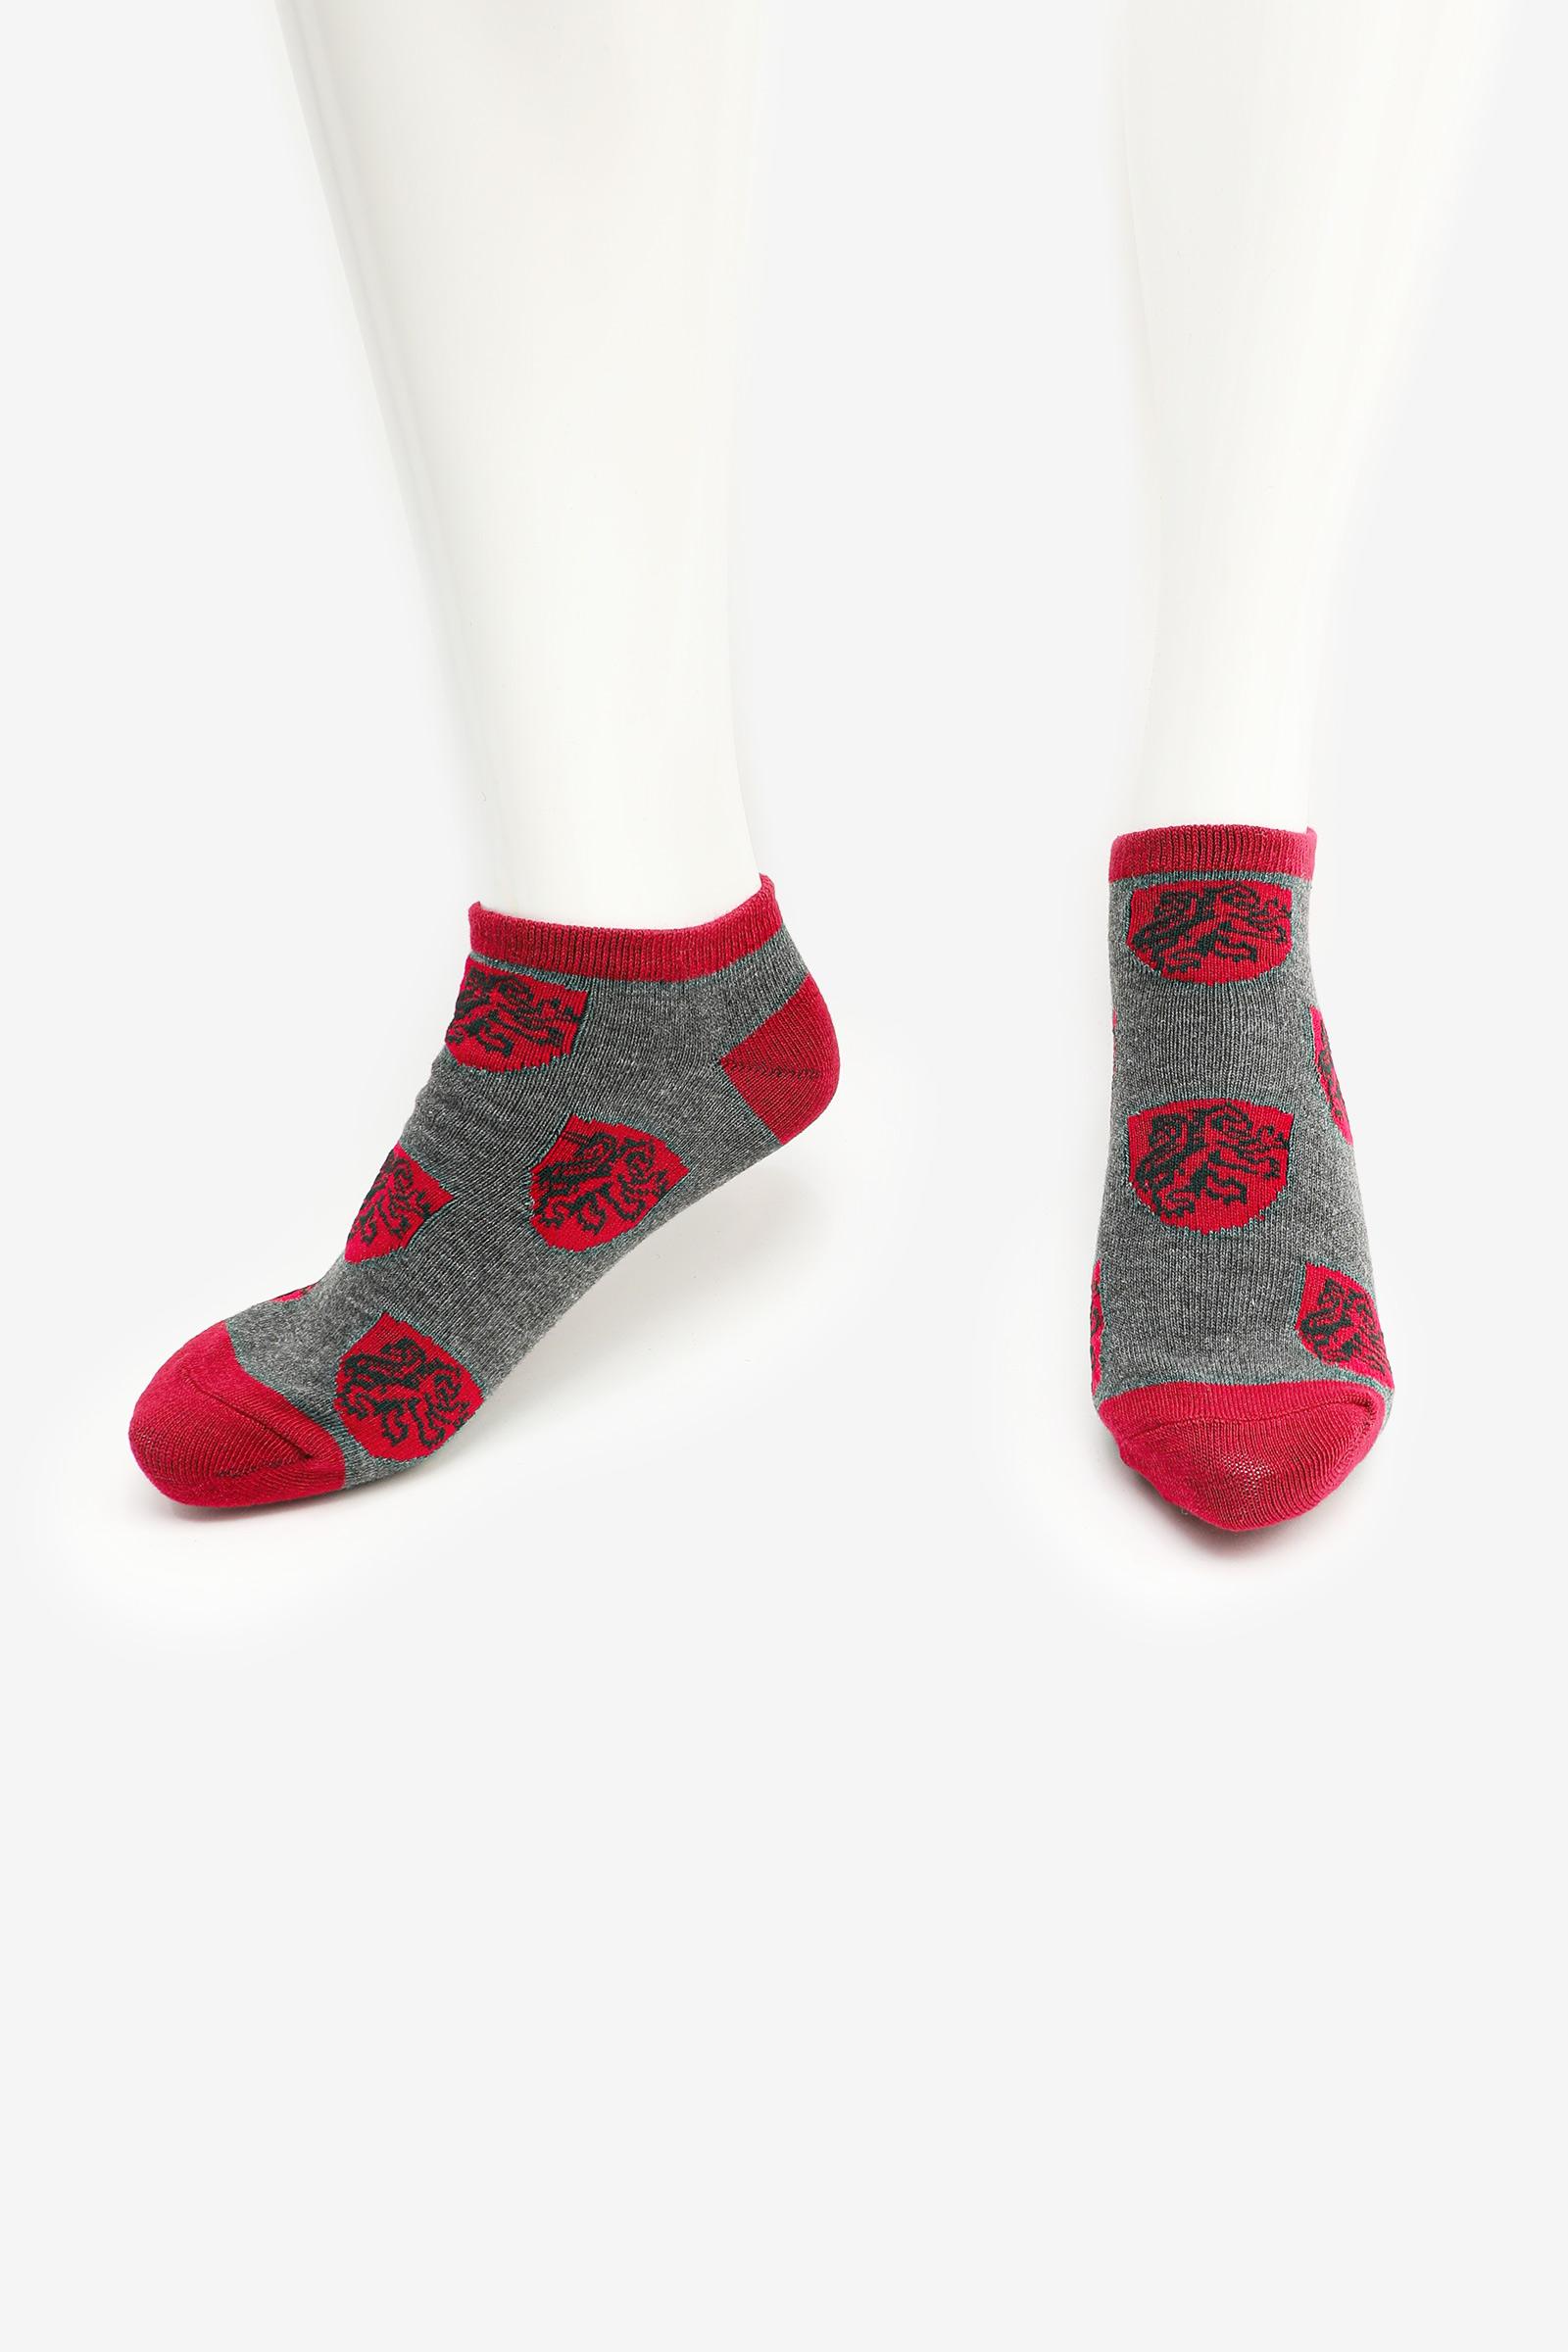 Gryffindor Ankle Socks